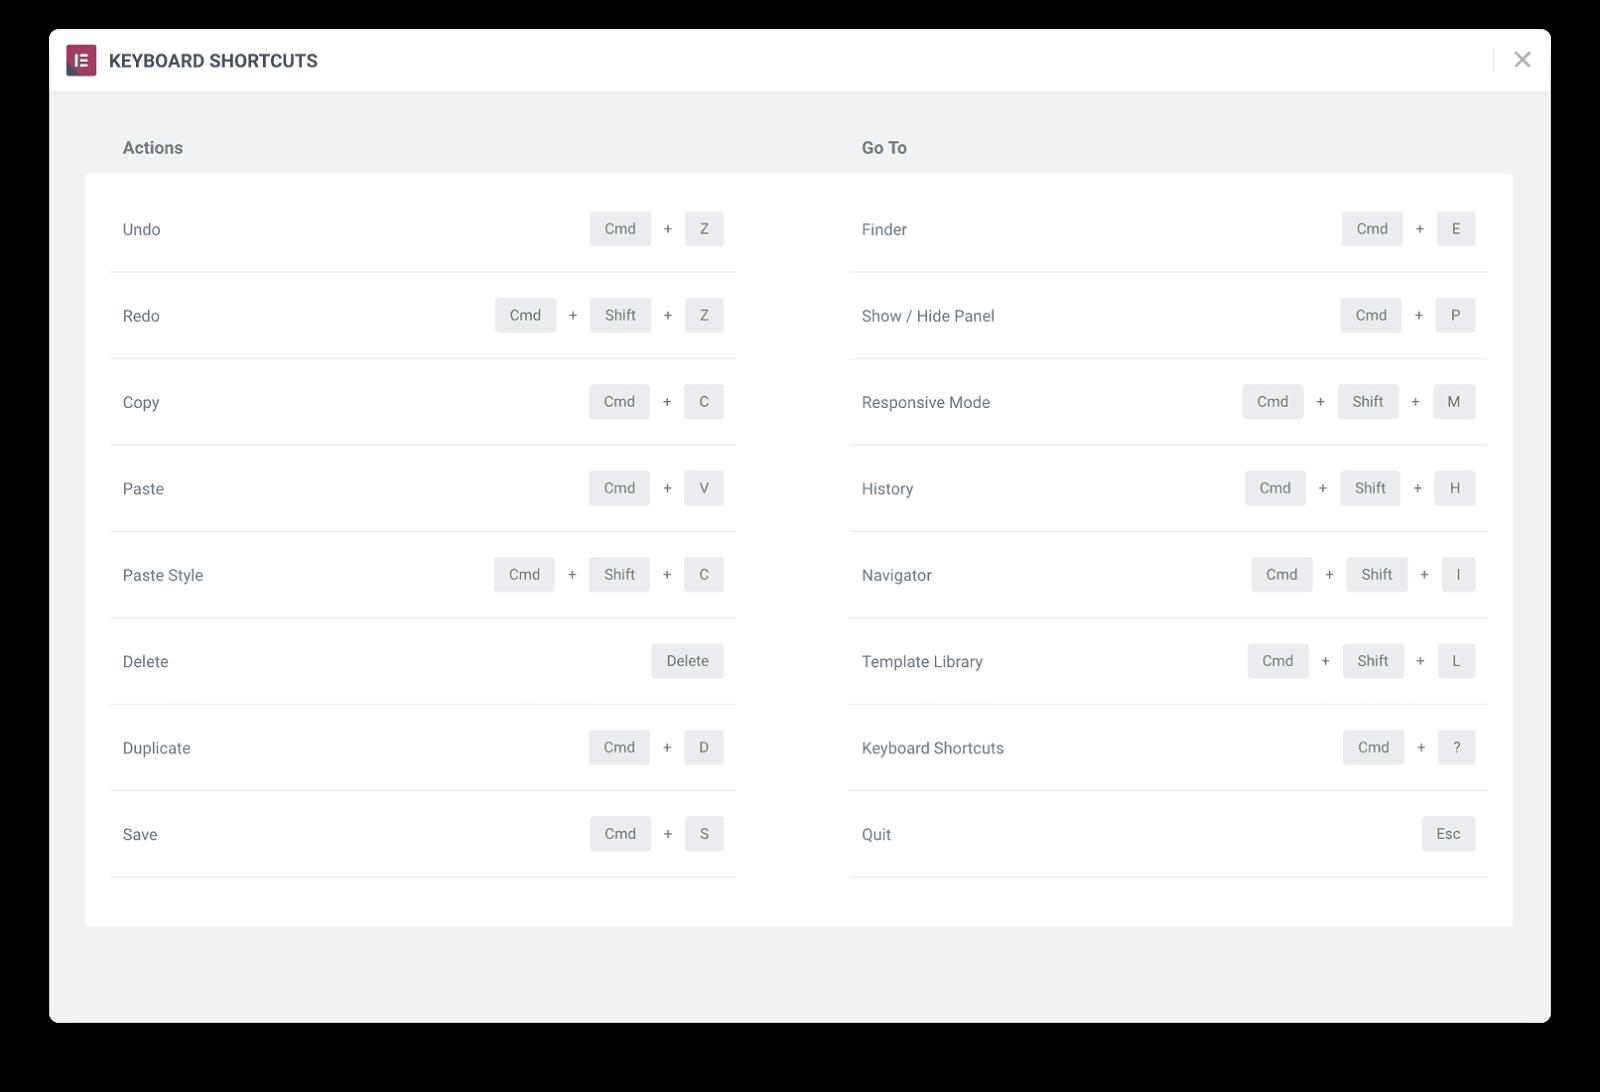 Recensione Elementor: come usare il page builder migliore per Wordpress 19